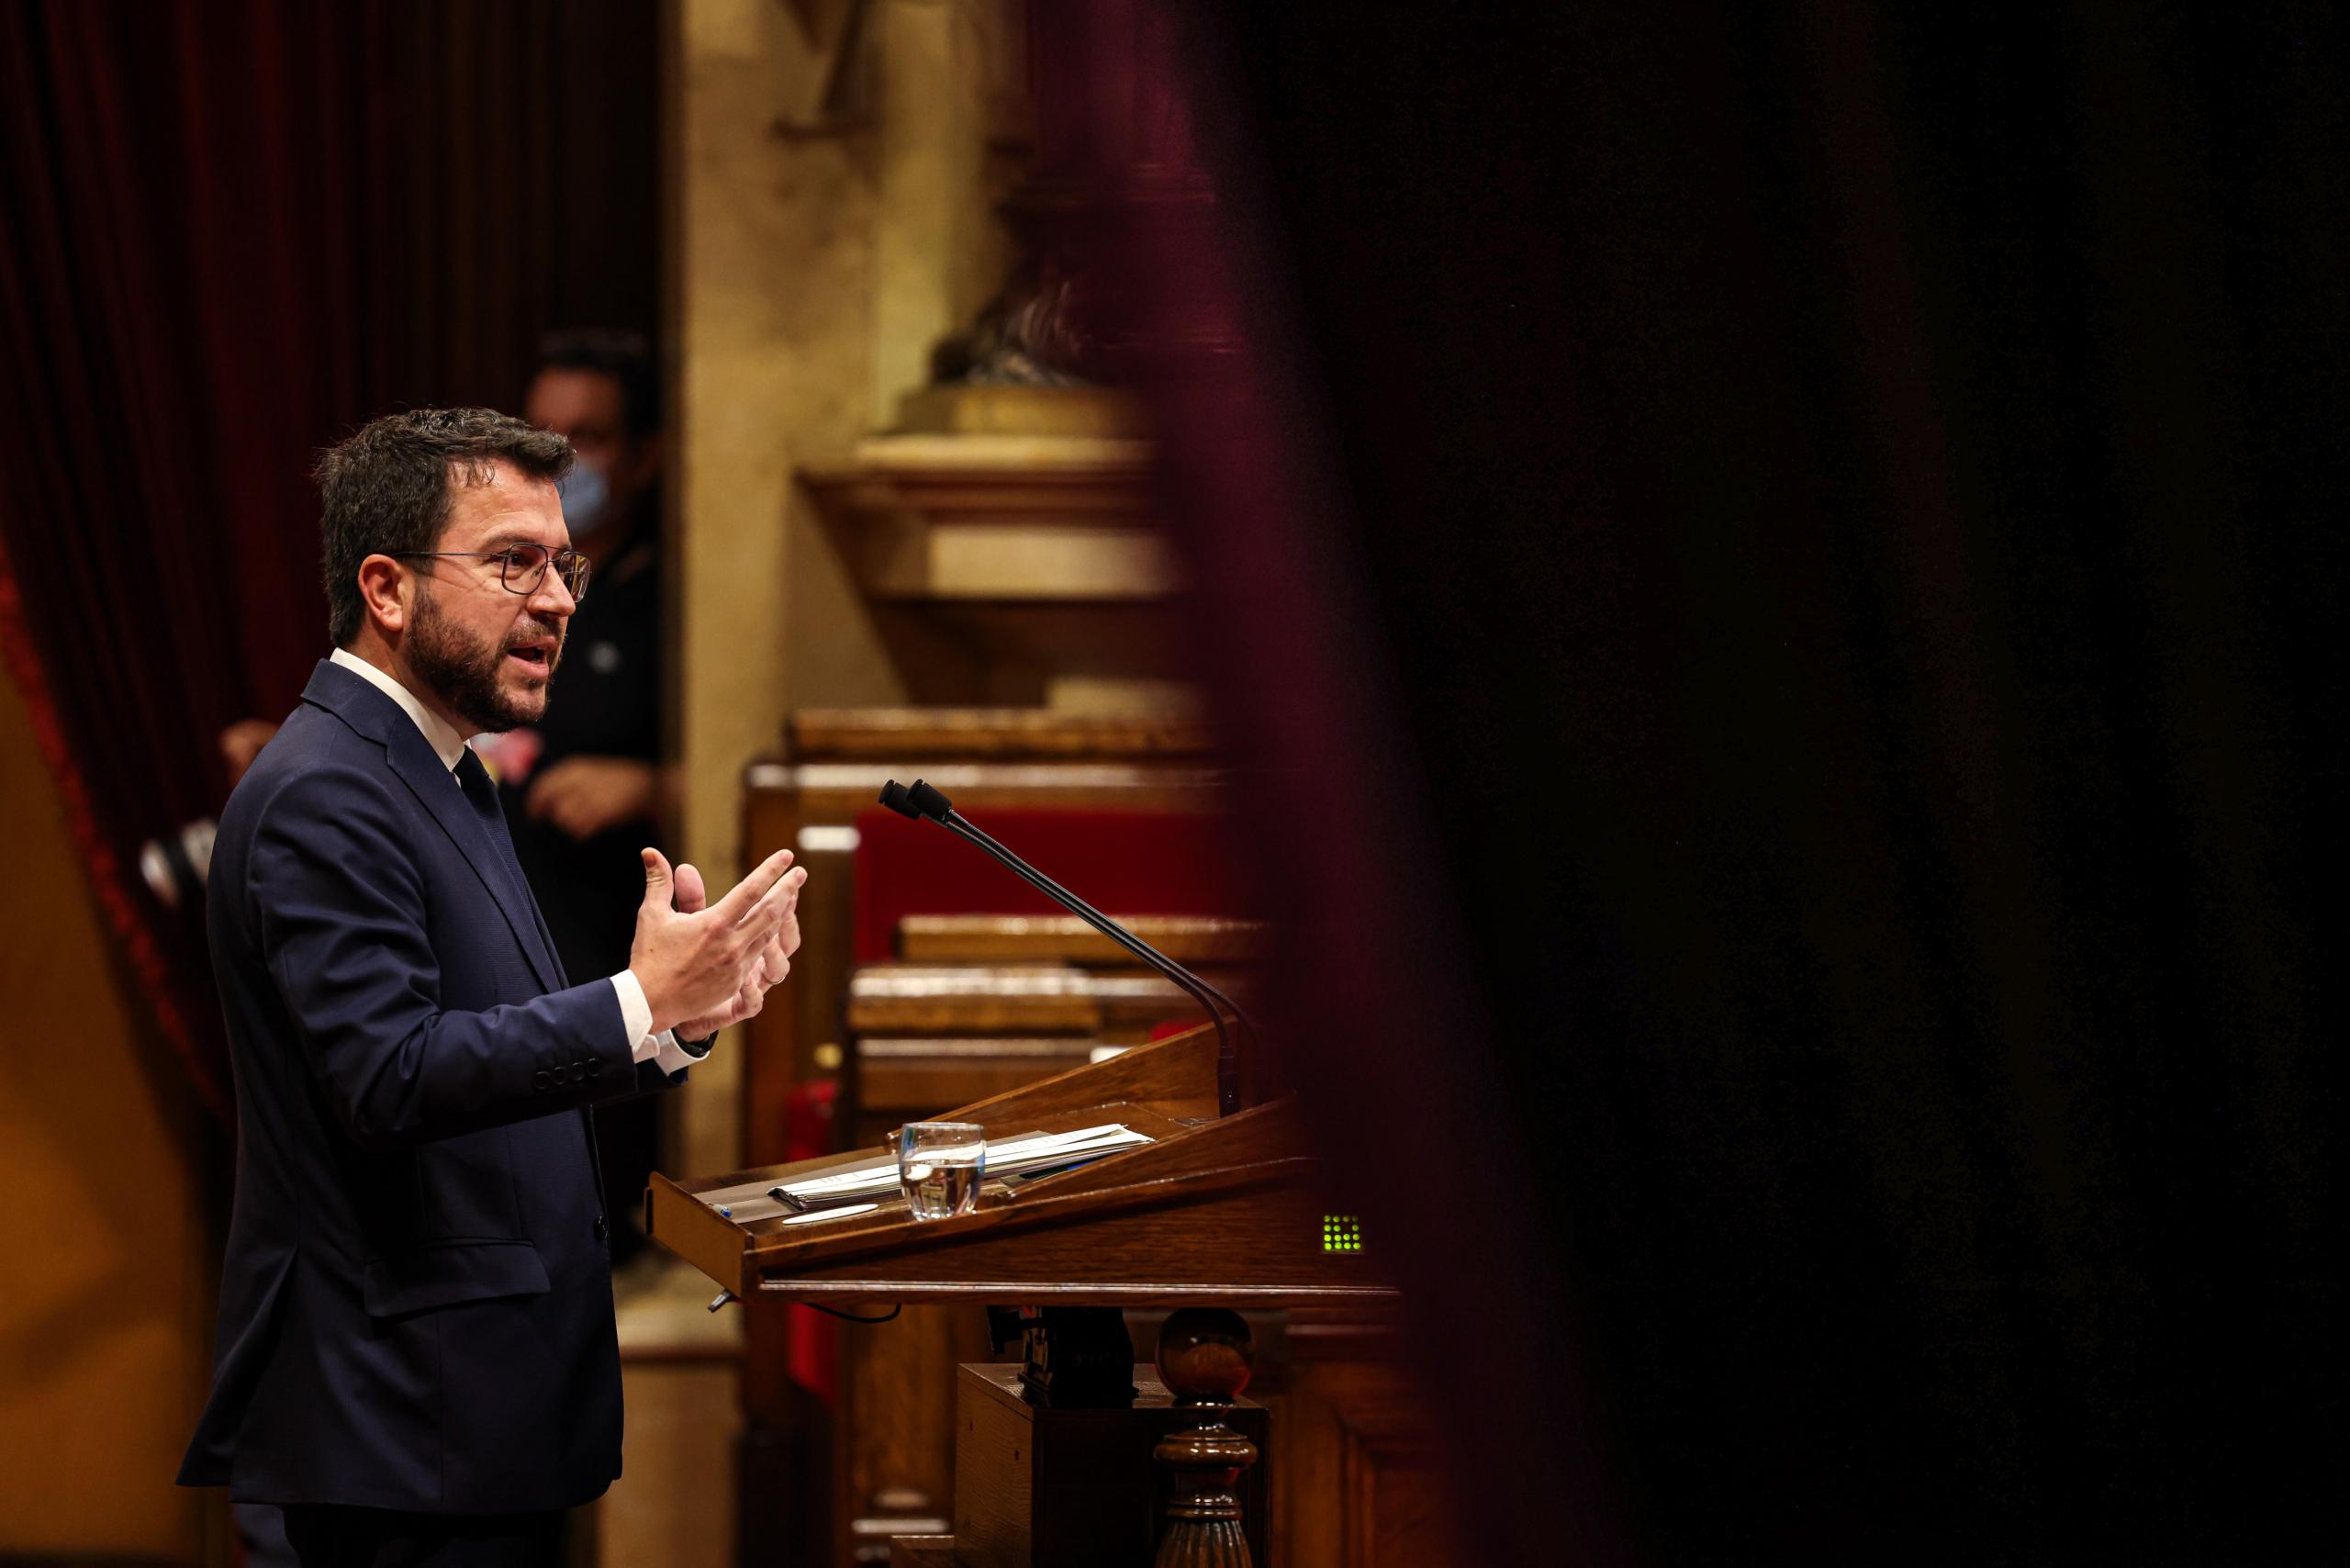 El president Aragonès replica les intervencions dels grups parlamentaris / Jordi Borràs